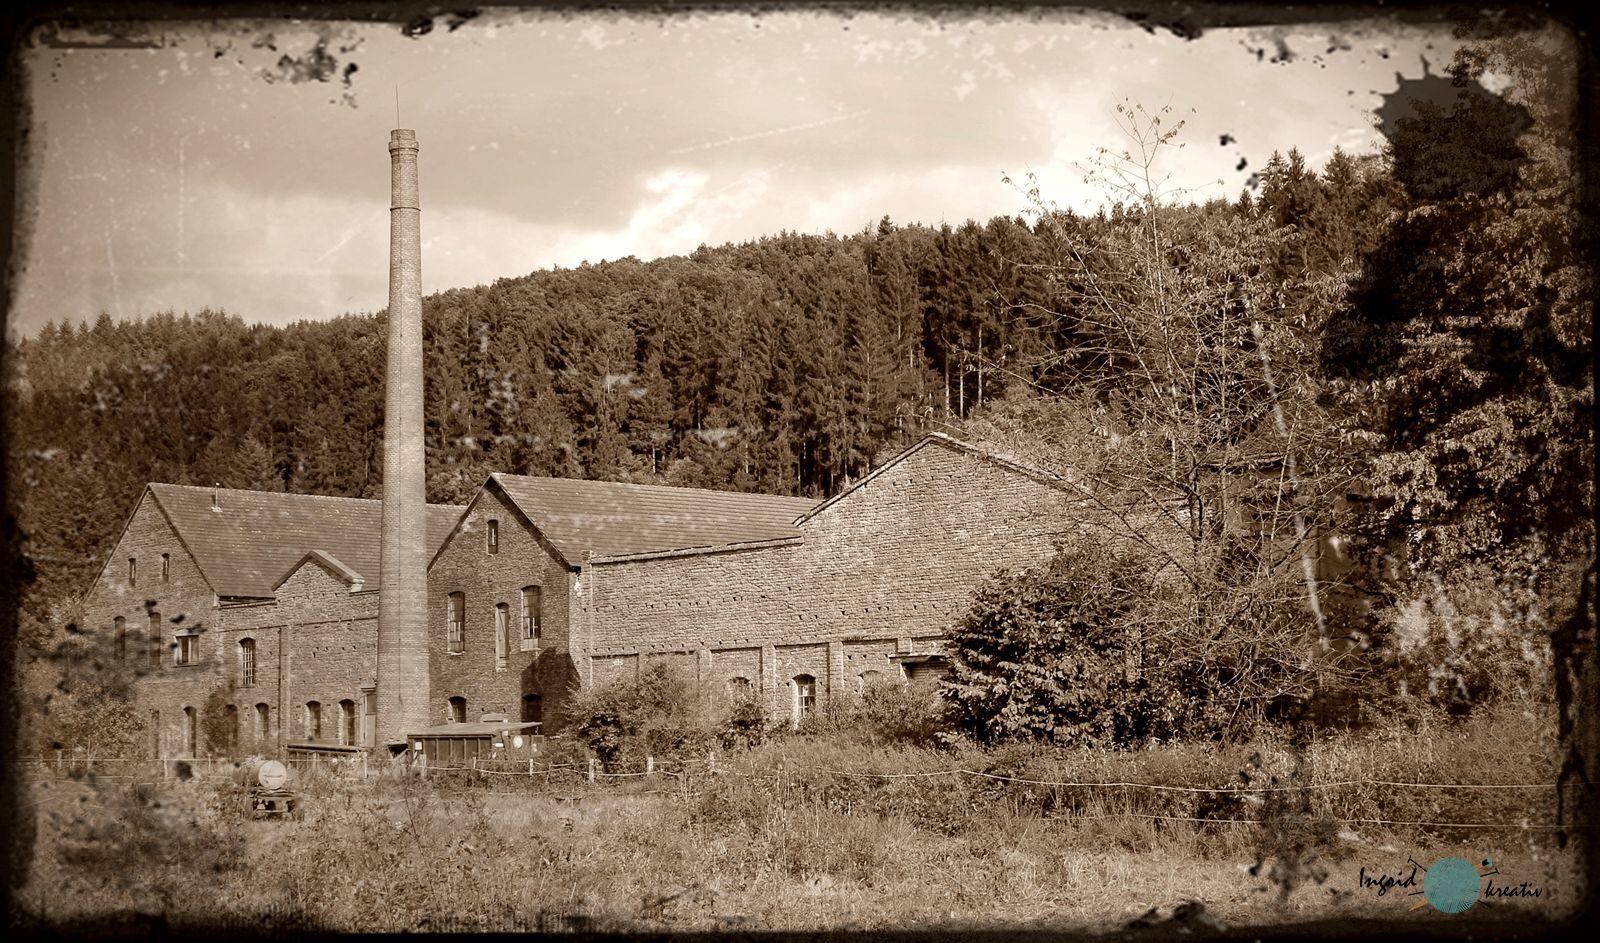 alte Fabrik im Kylltal  usch eifel Industriedenkmal